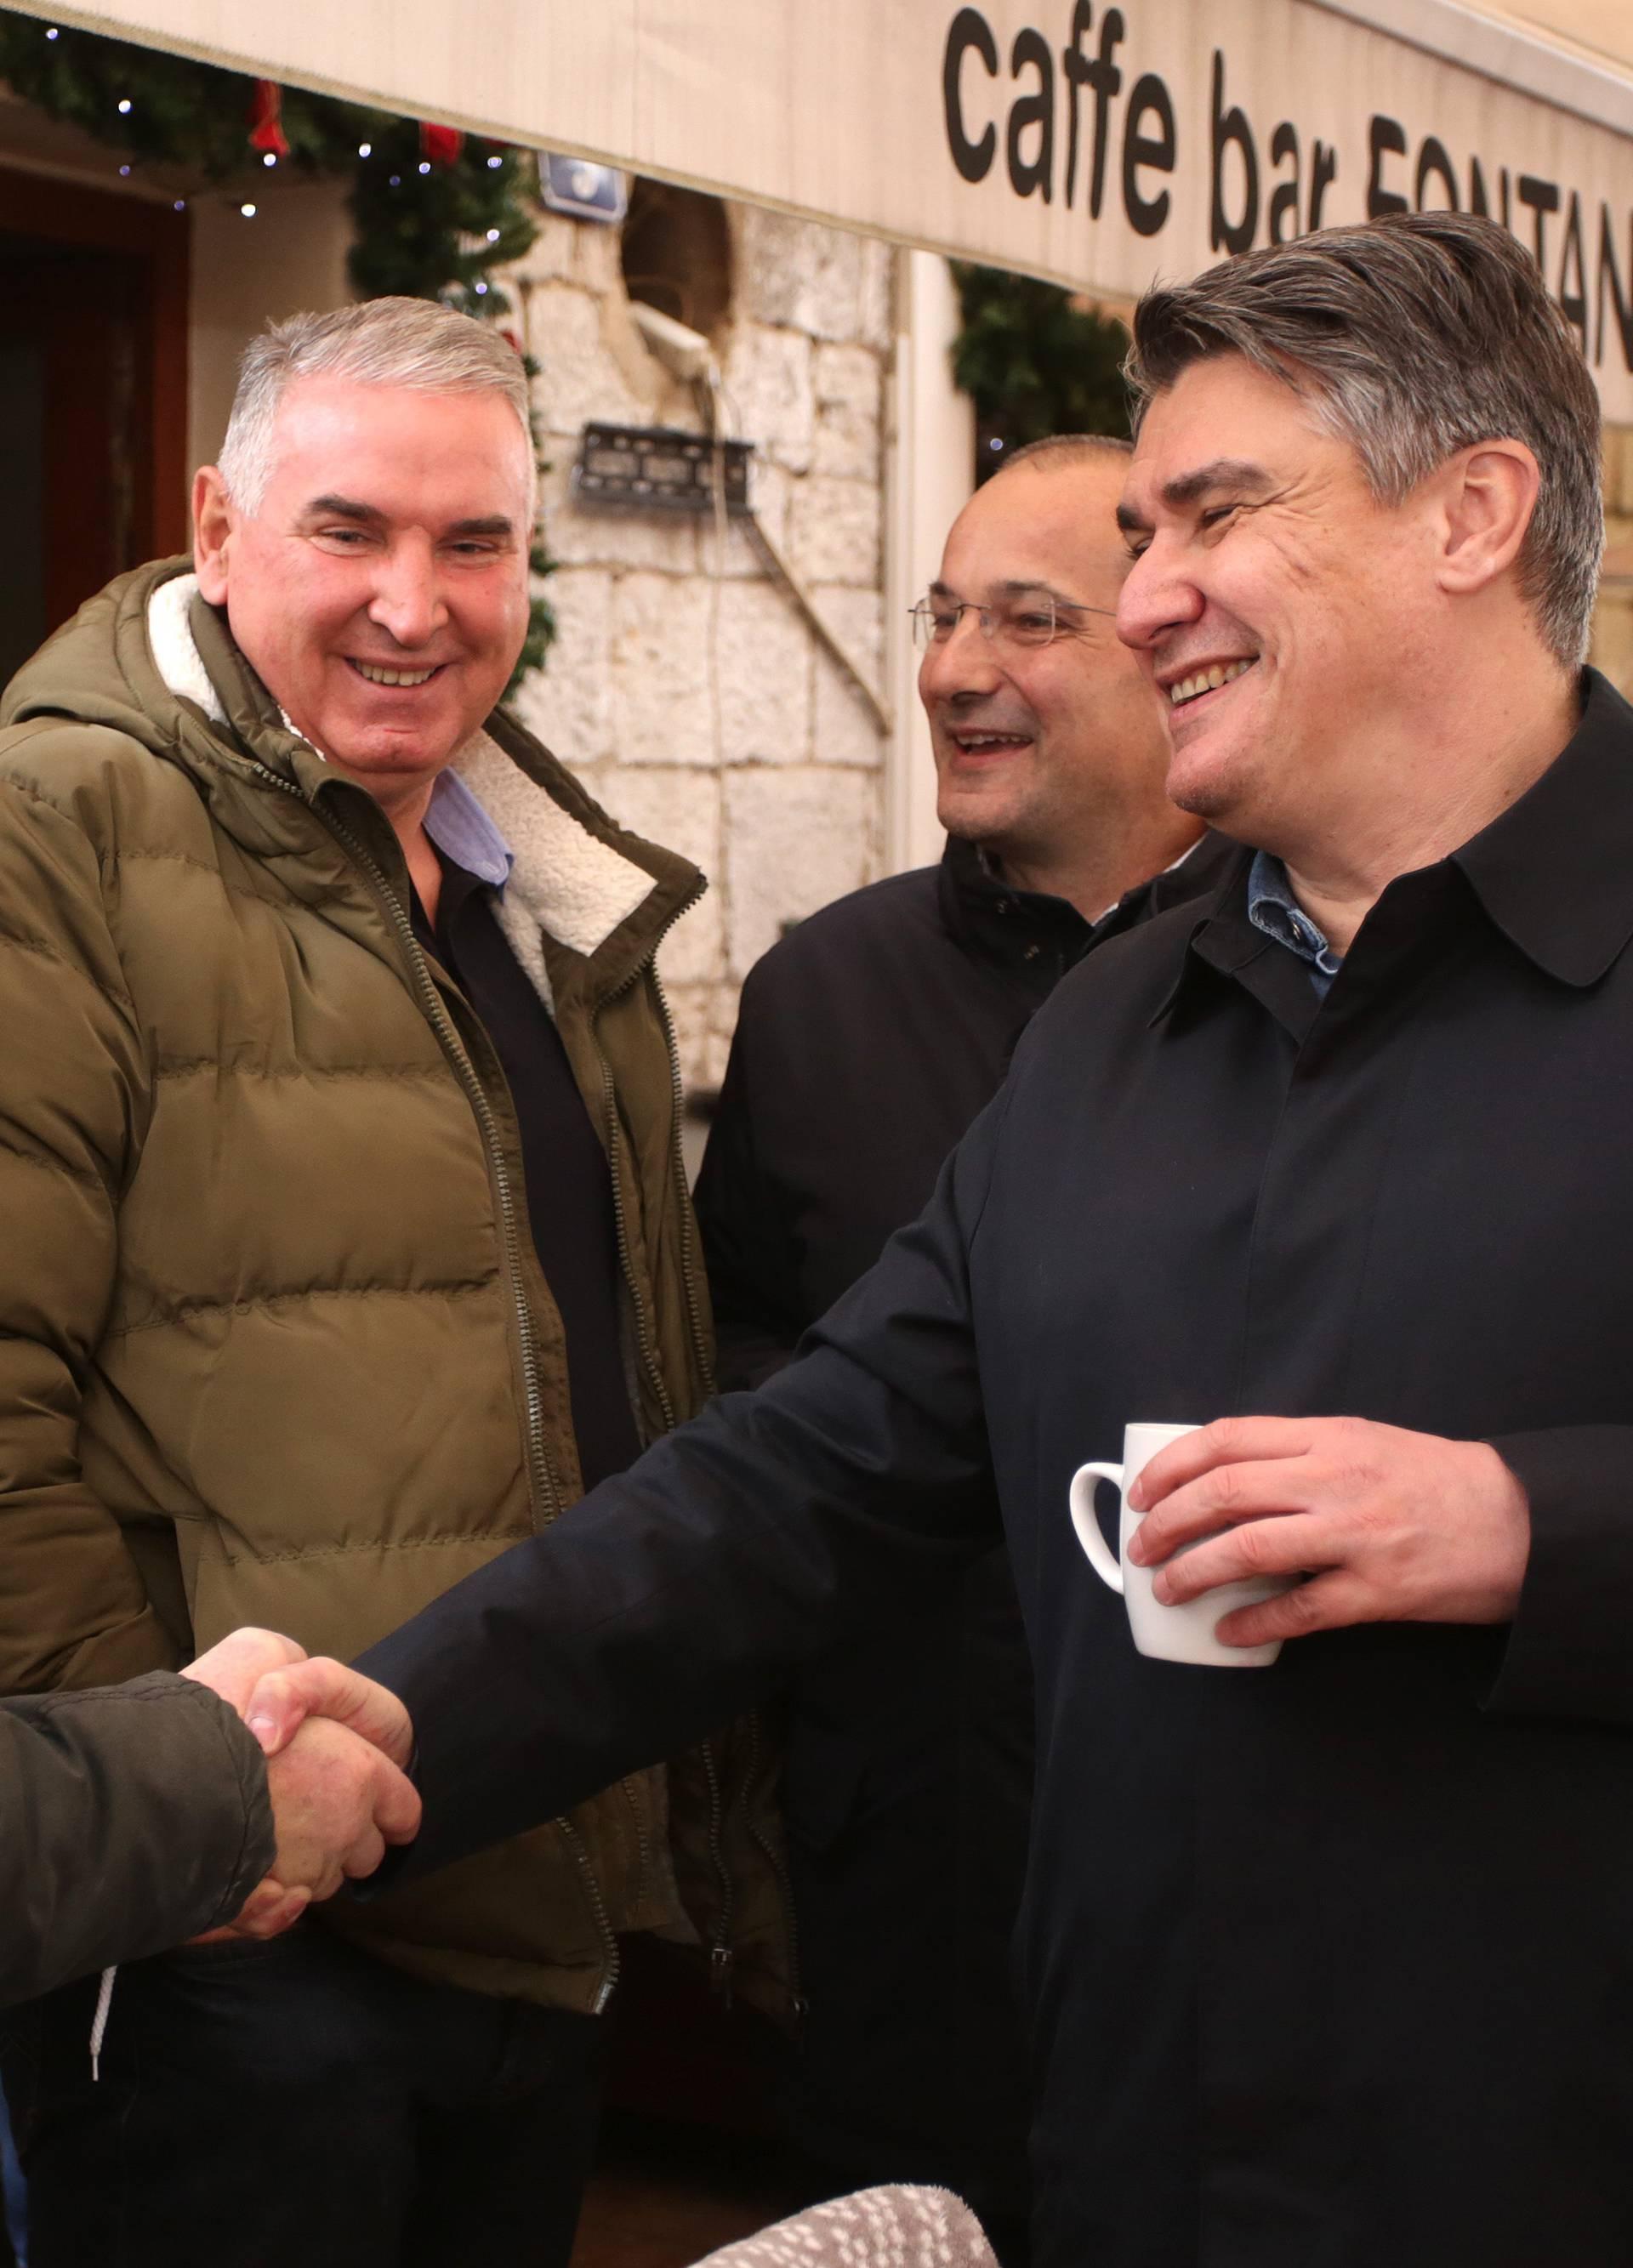 Predsjednički kandidat Zoran Milanović posjetio je Sinj i družio se s građanima